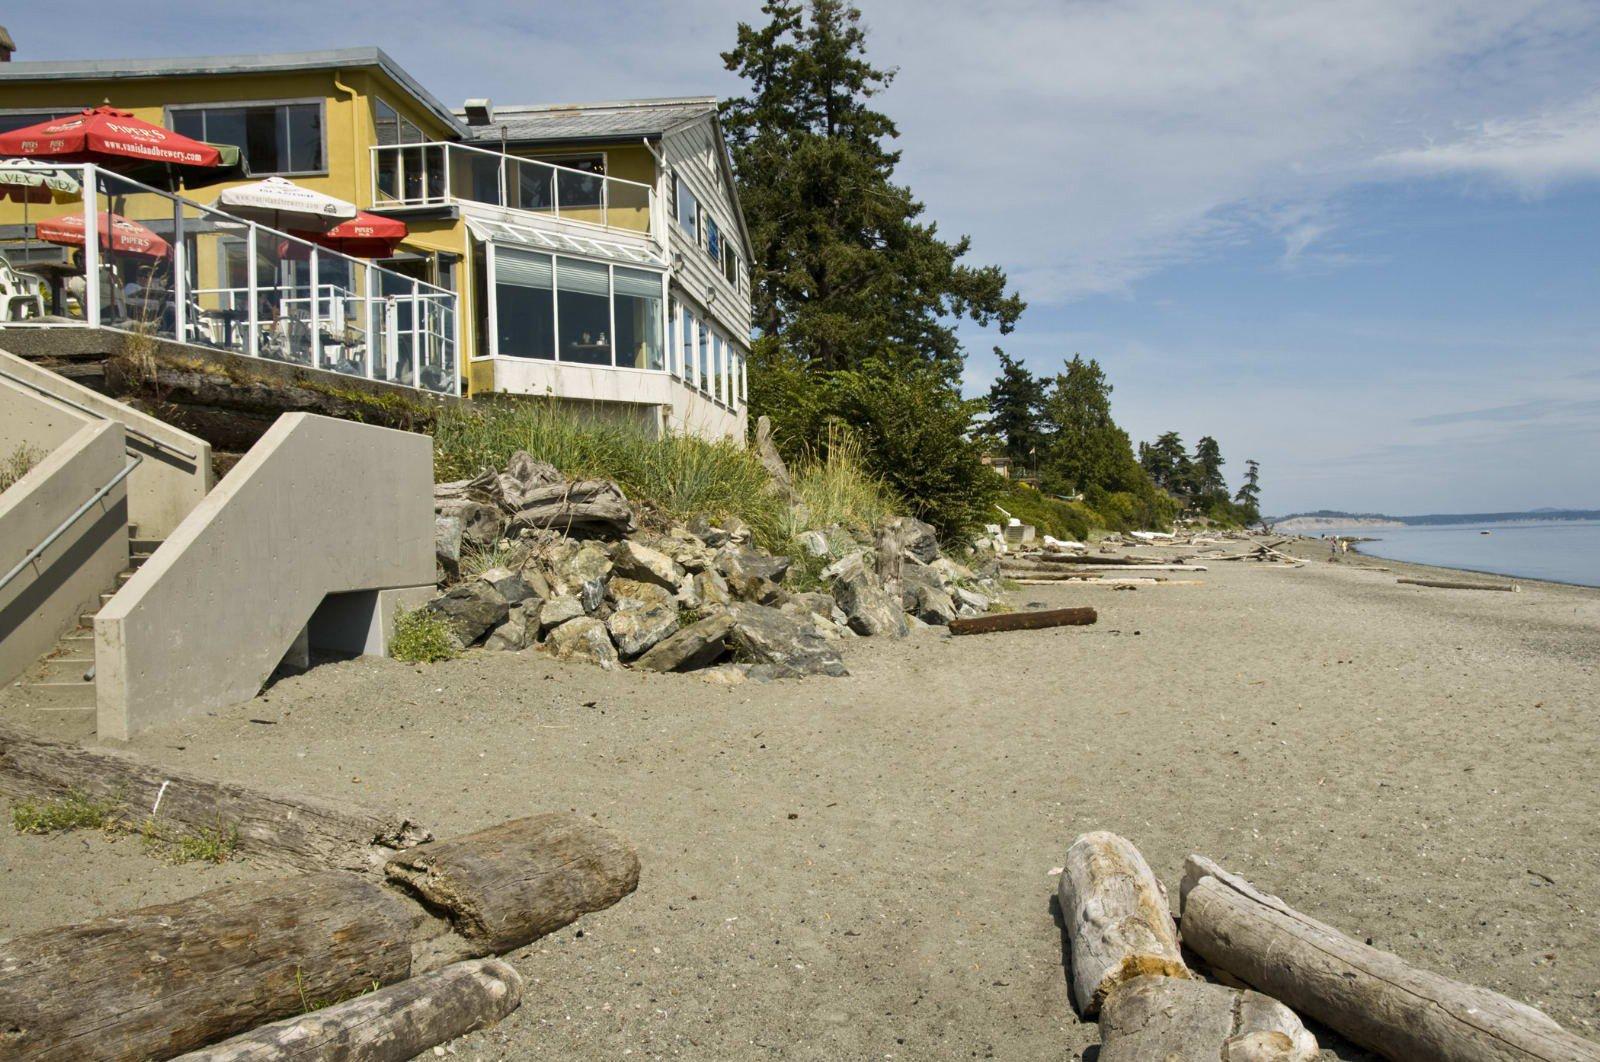 Main Photo: 4987 Cordova Bay Rd in VICTORIA: SE Cordova Bay House for sale (Saanich East)  : MLS®# 513041